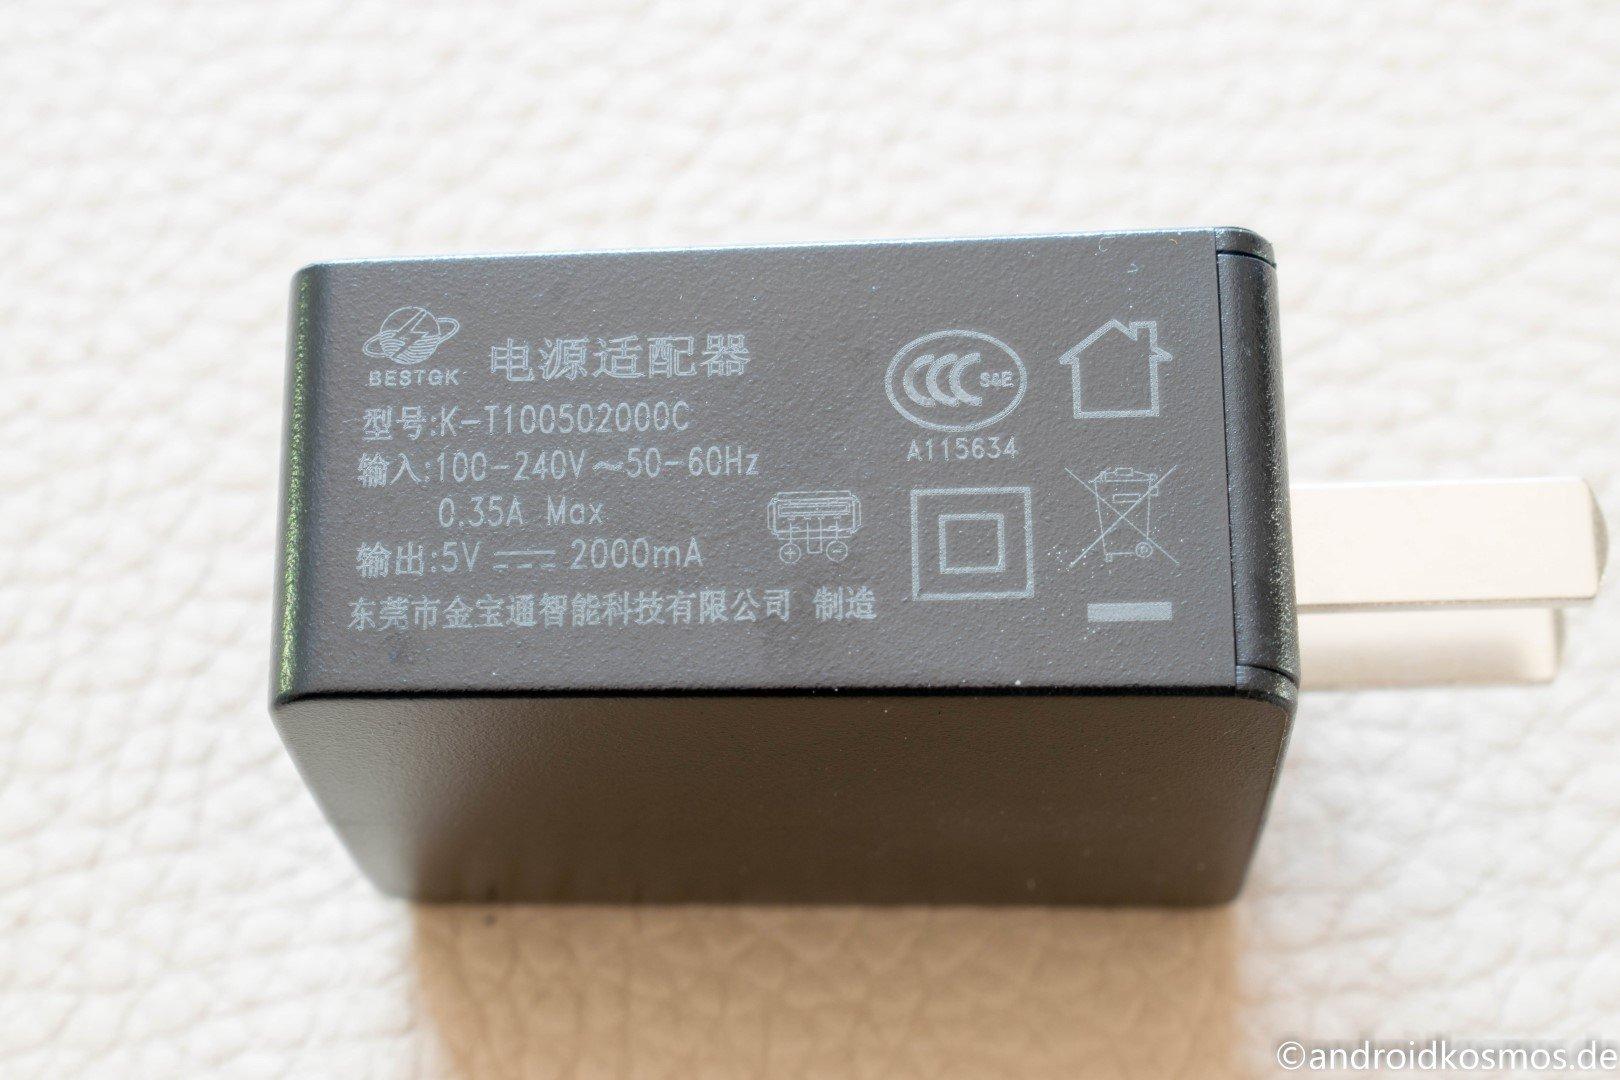 Androidkosmos.de AllDoCube X1 2620